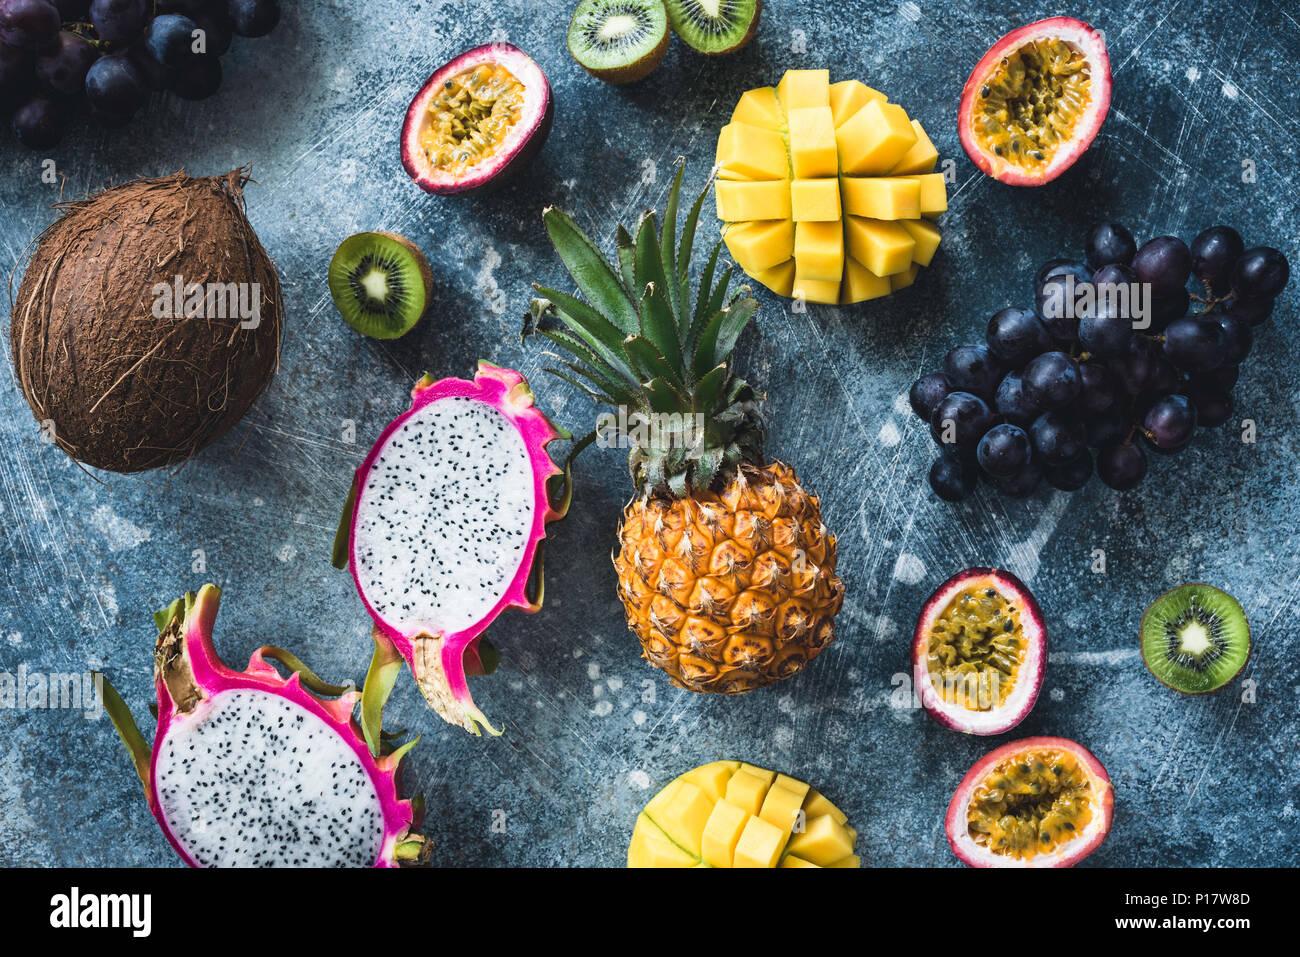 Tropische Früchte auf Stein, Flach, Table Top anzeigen. Pitaya, Passionsfrucht, Trauben, Kiwi, Kokosnuss, Mango und Ananas Stockbild